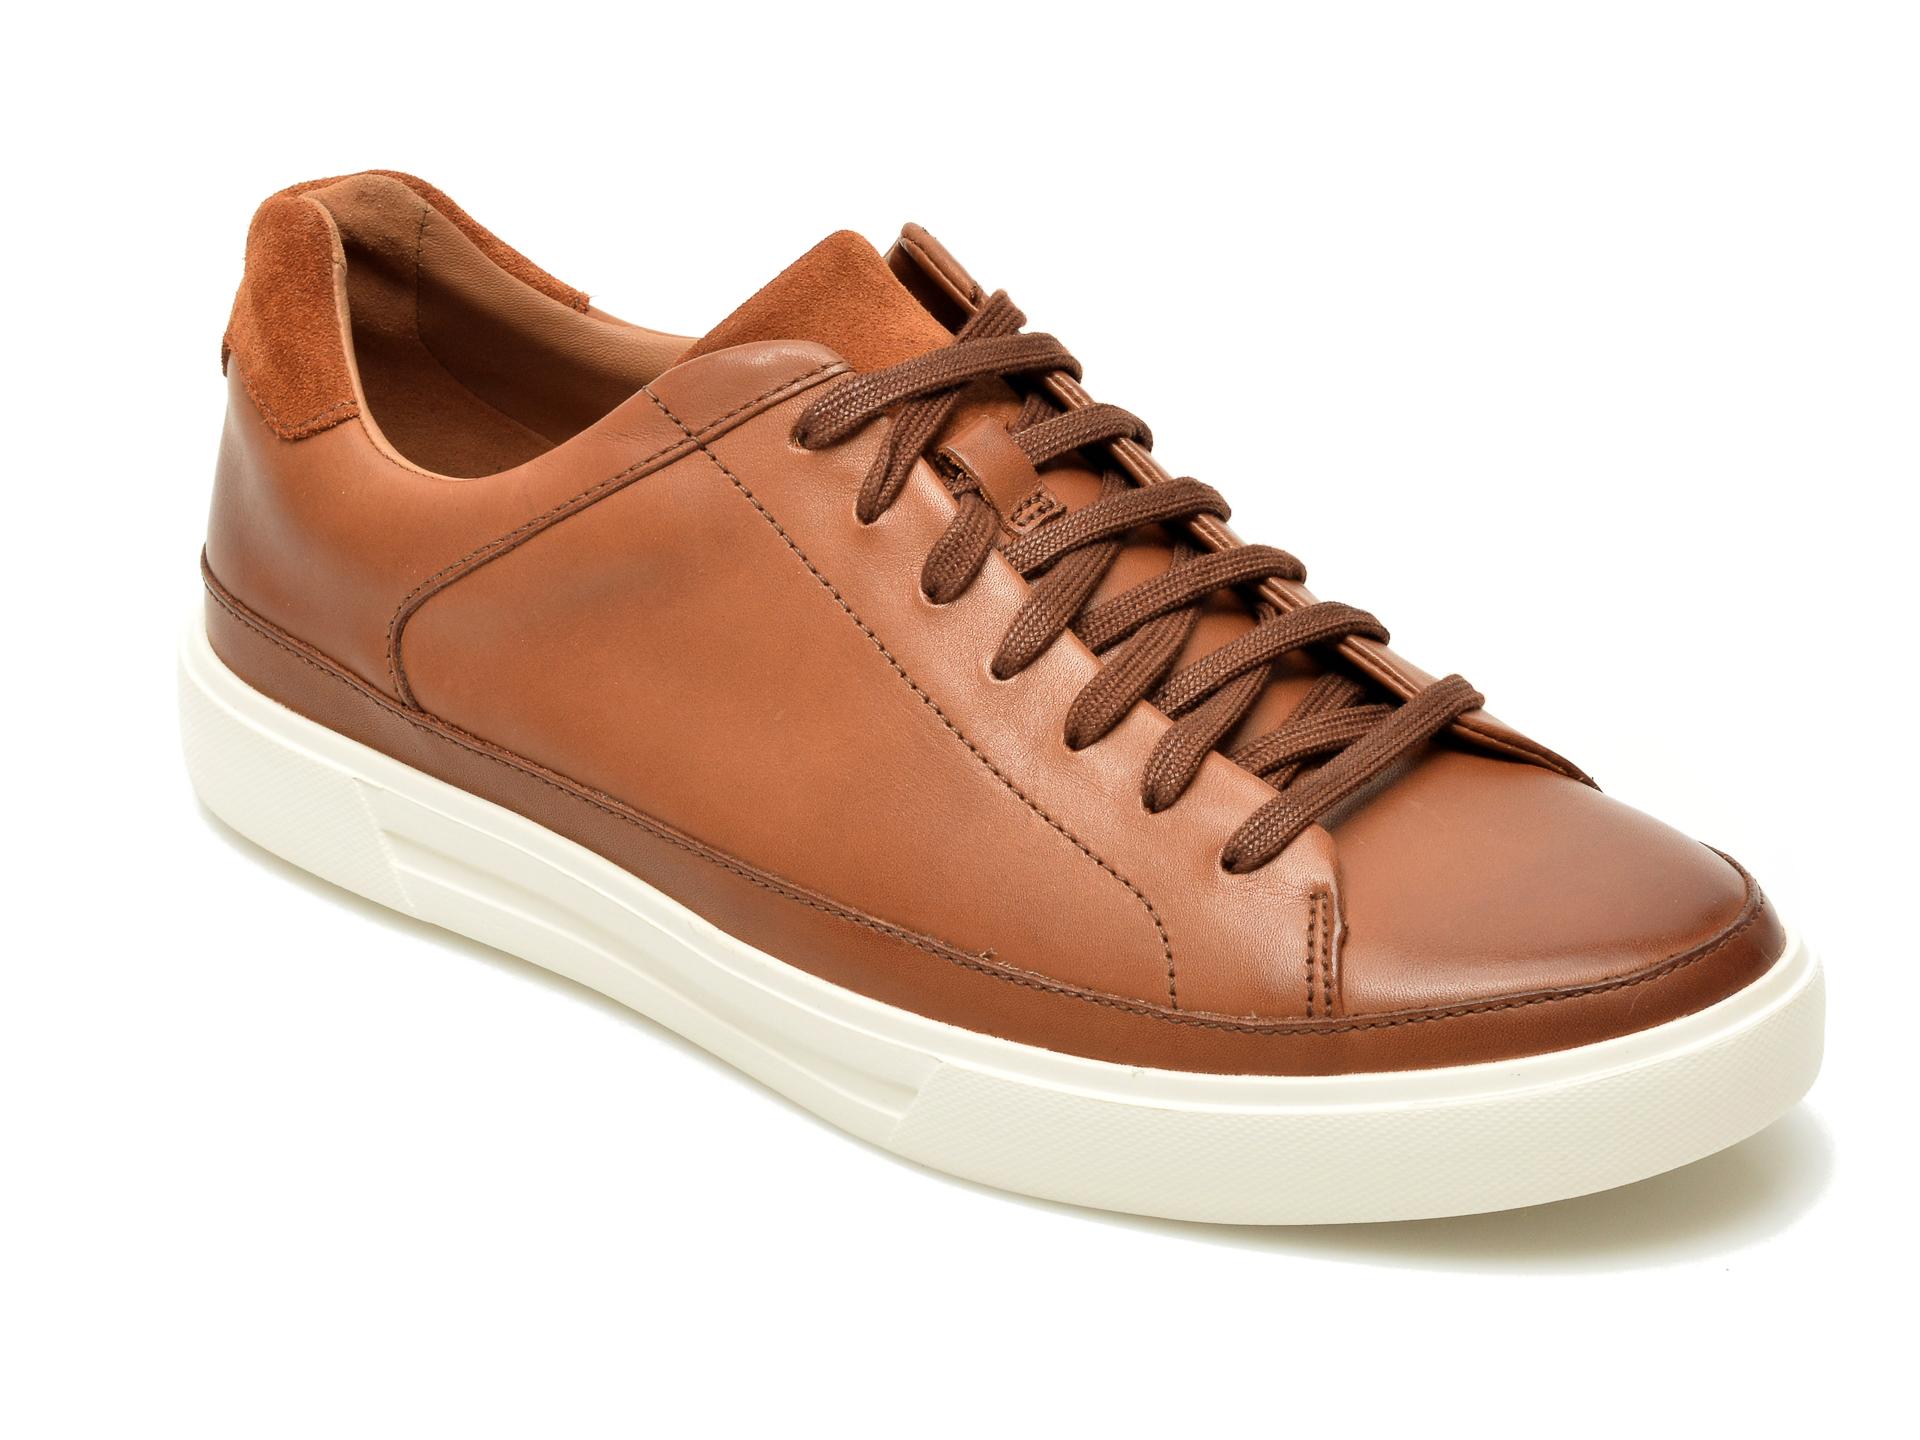 Pantofi Clarks Maro, Un Costa Tie, Din Piele Naturala